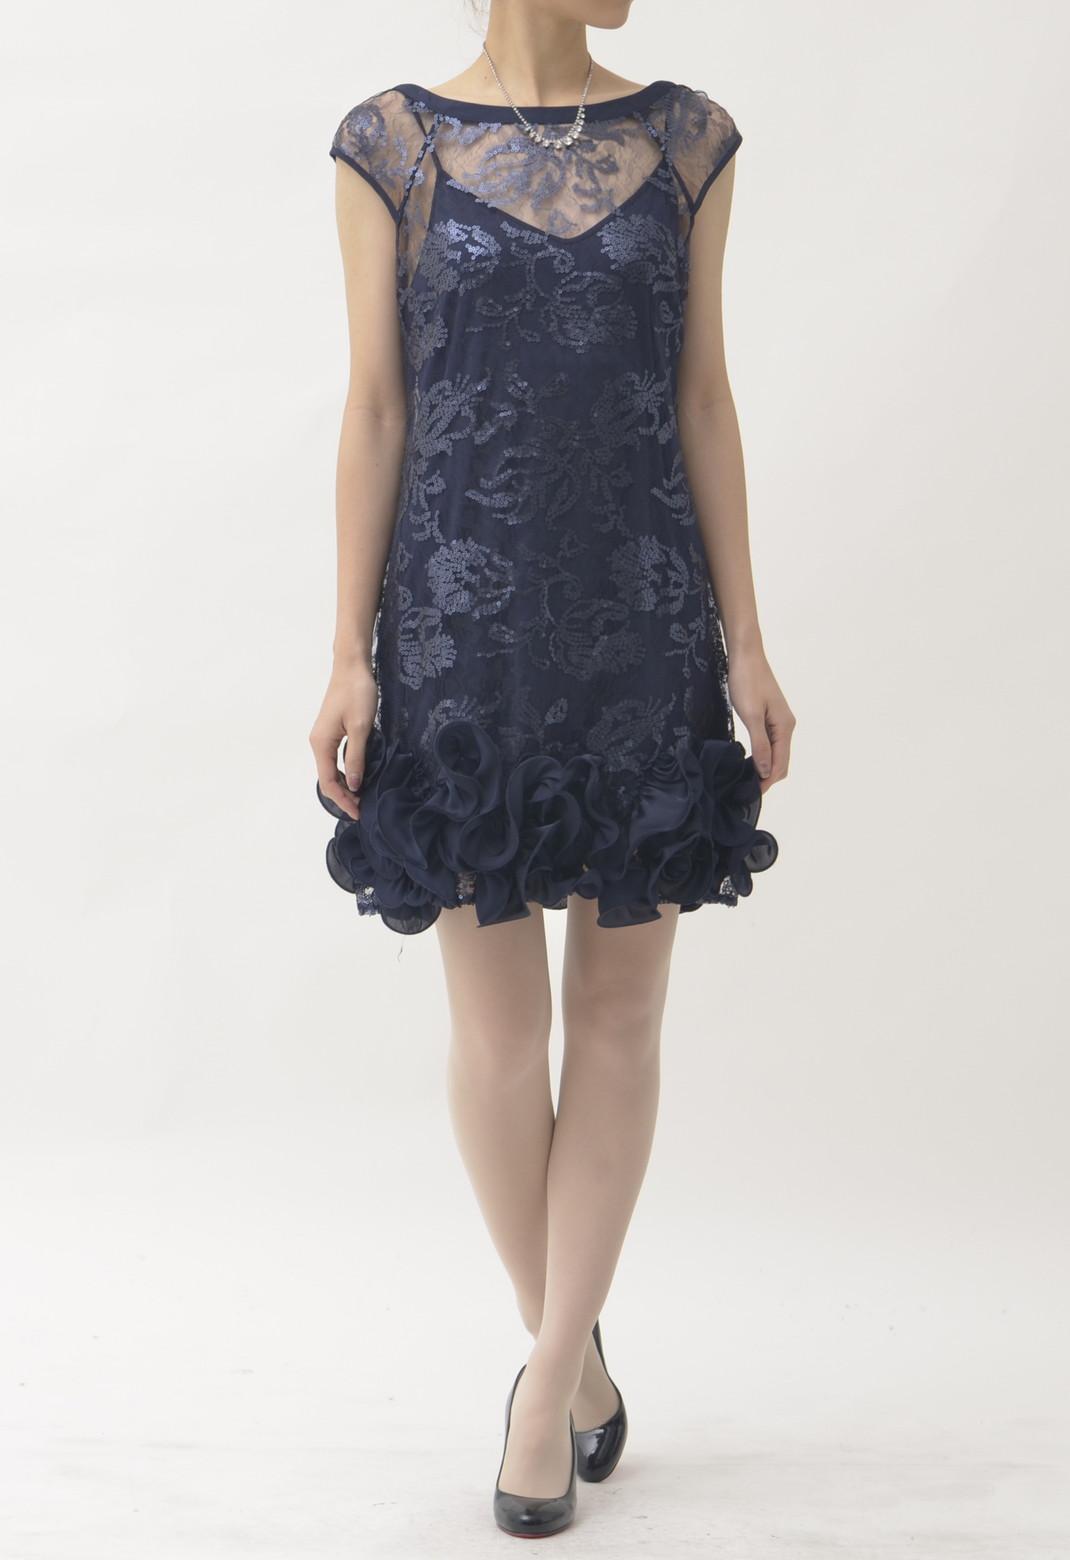 総レース×スパンコール 裾フリル 半袖 ドレス